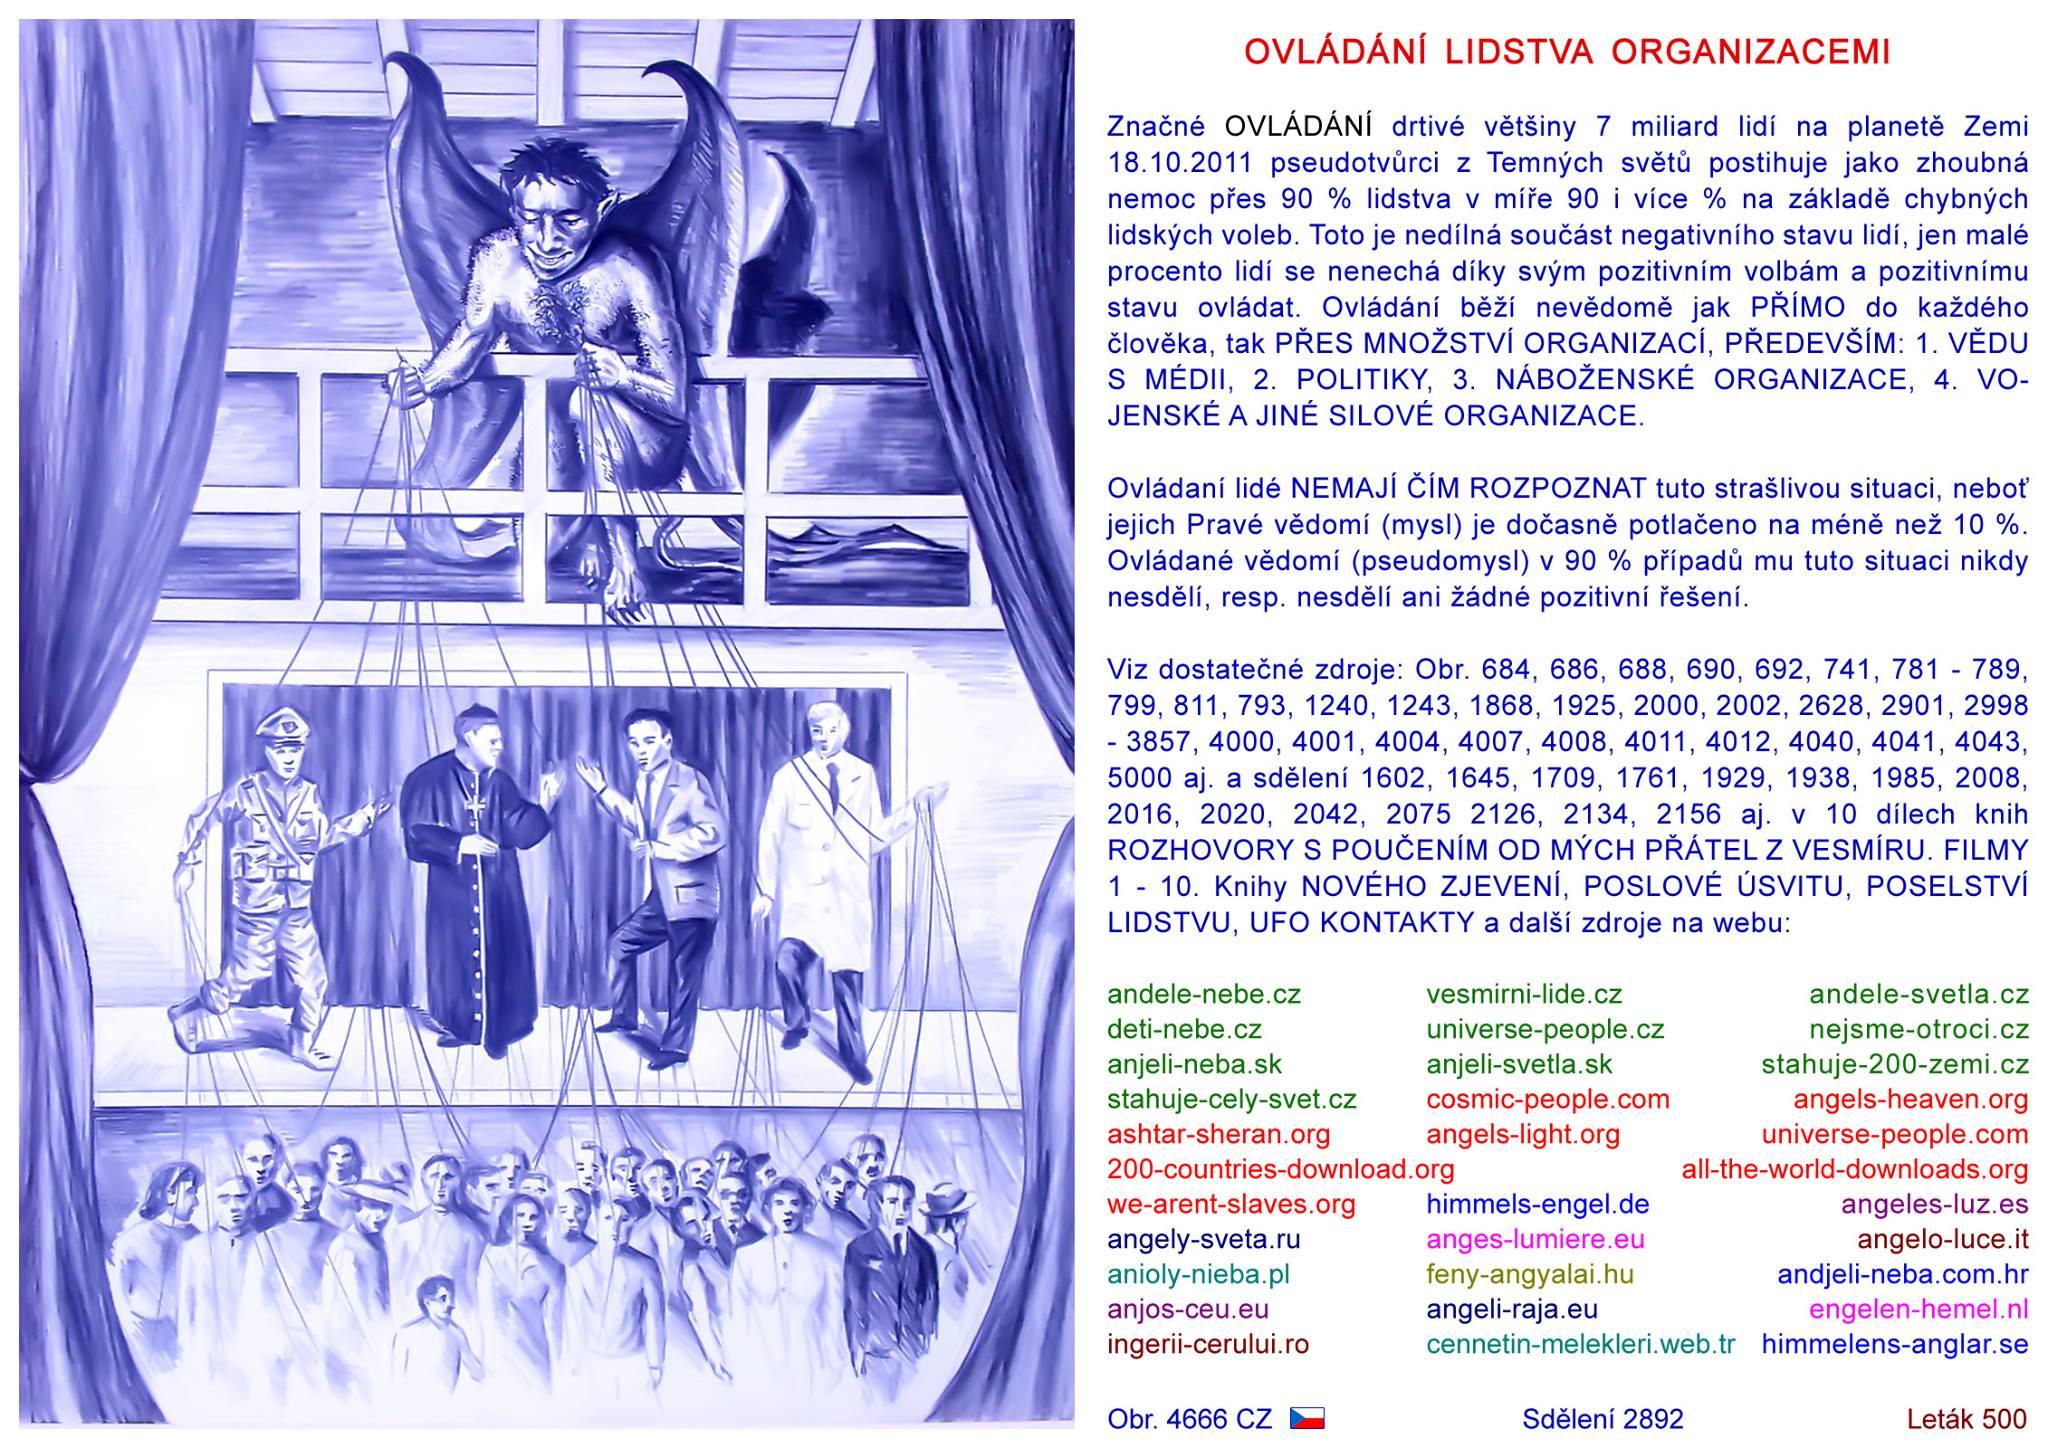 OVLÁDÁNÍ_LIDSTVA_ORGANIZACEMI_LETÁK_500